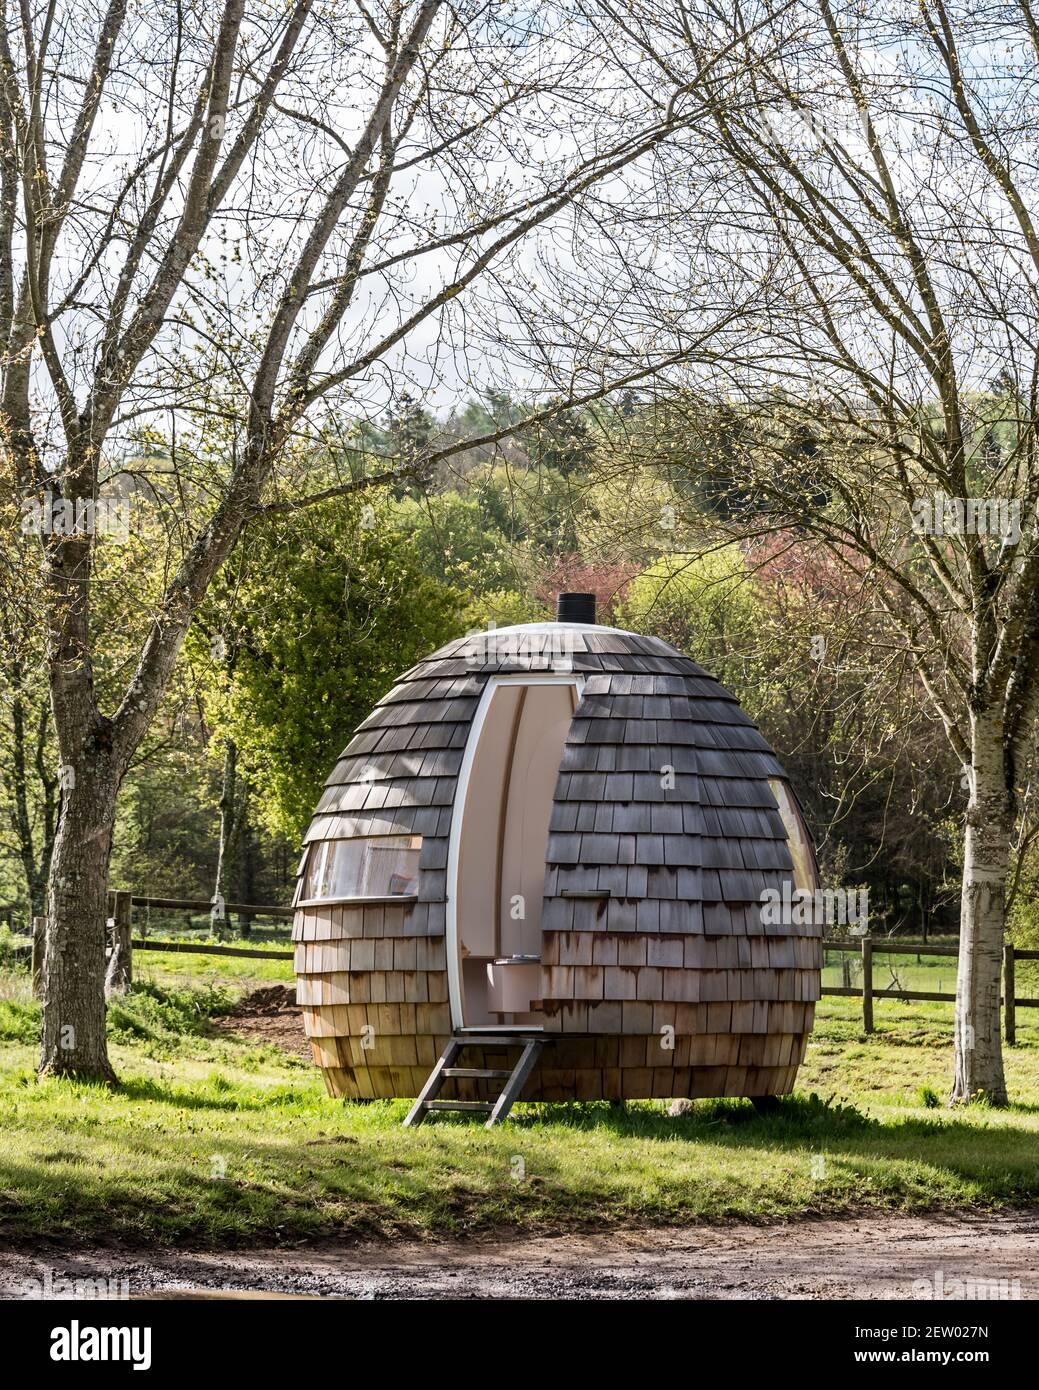 Pod en bois dans le jardin Banque D'Images